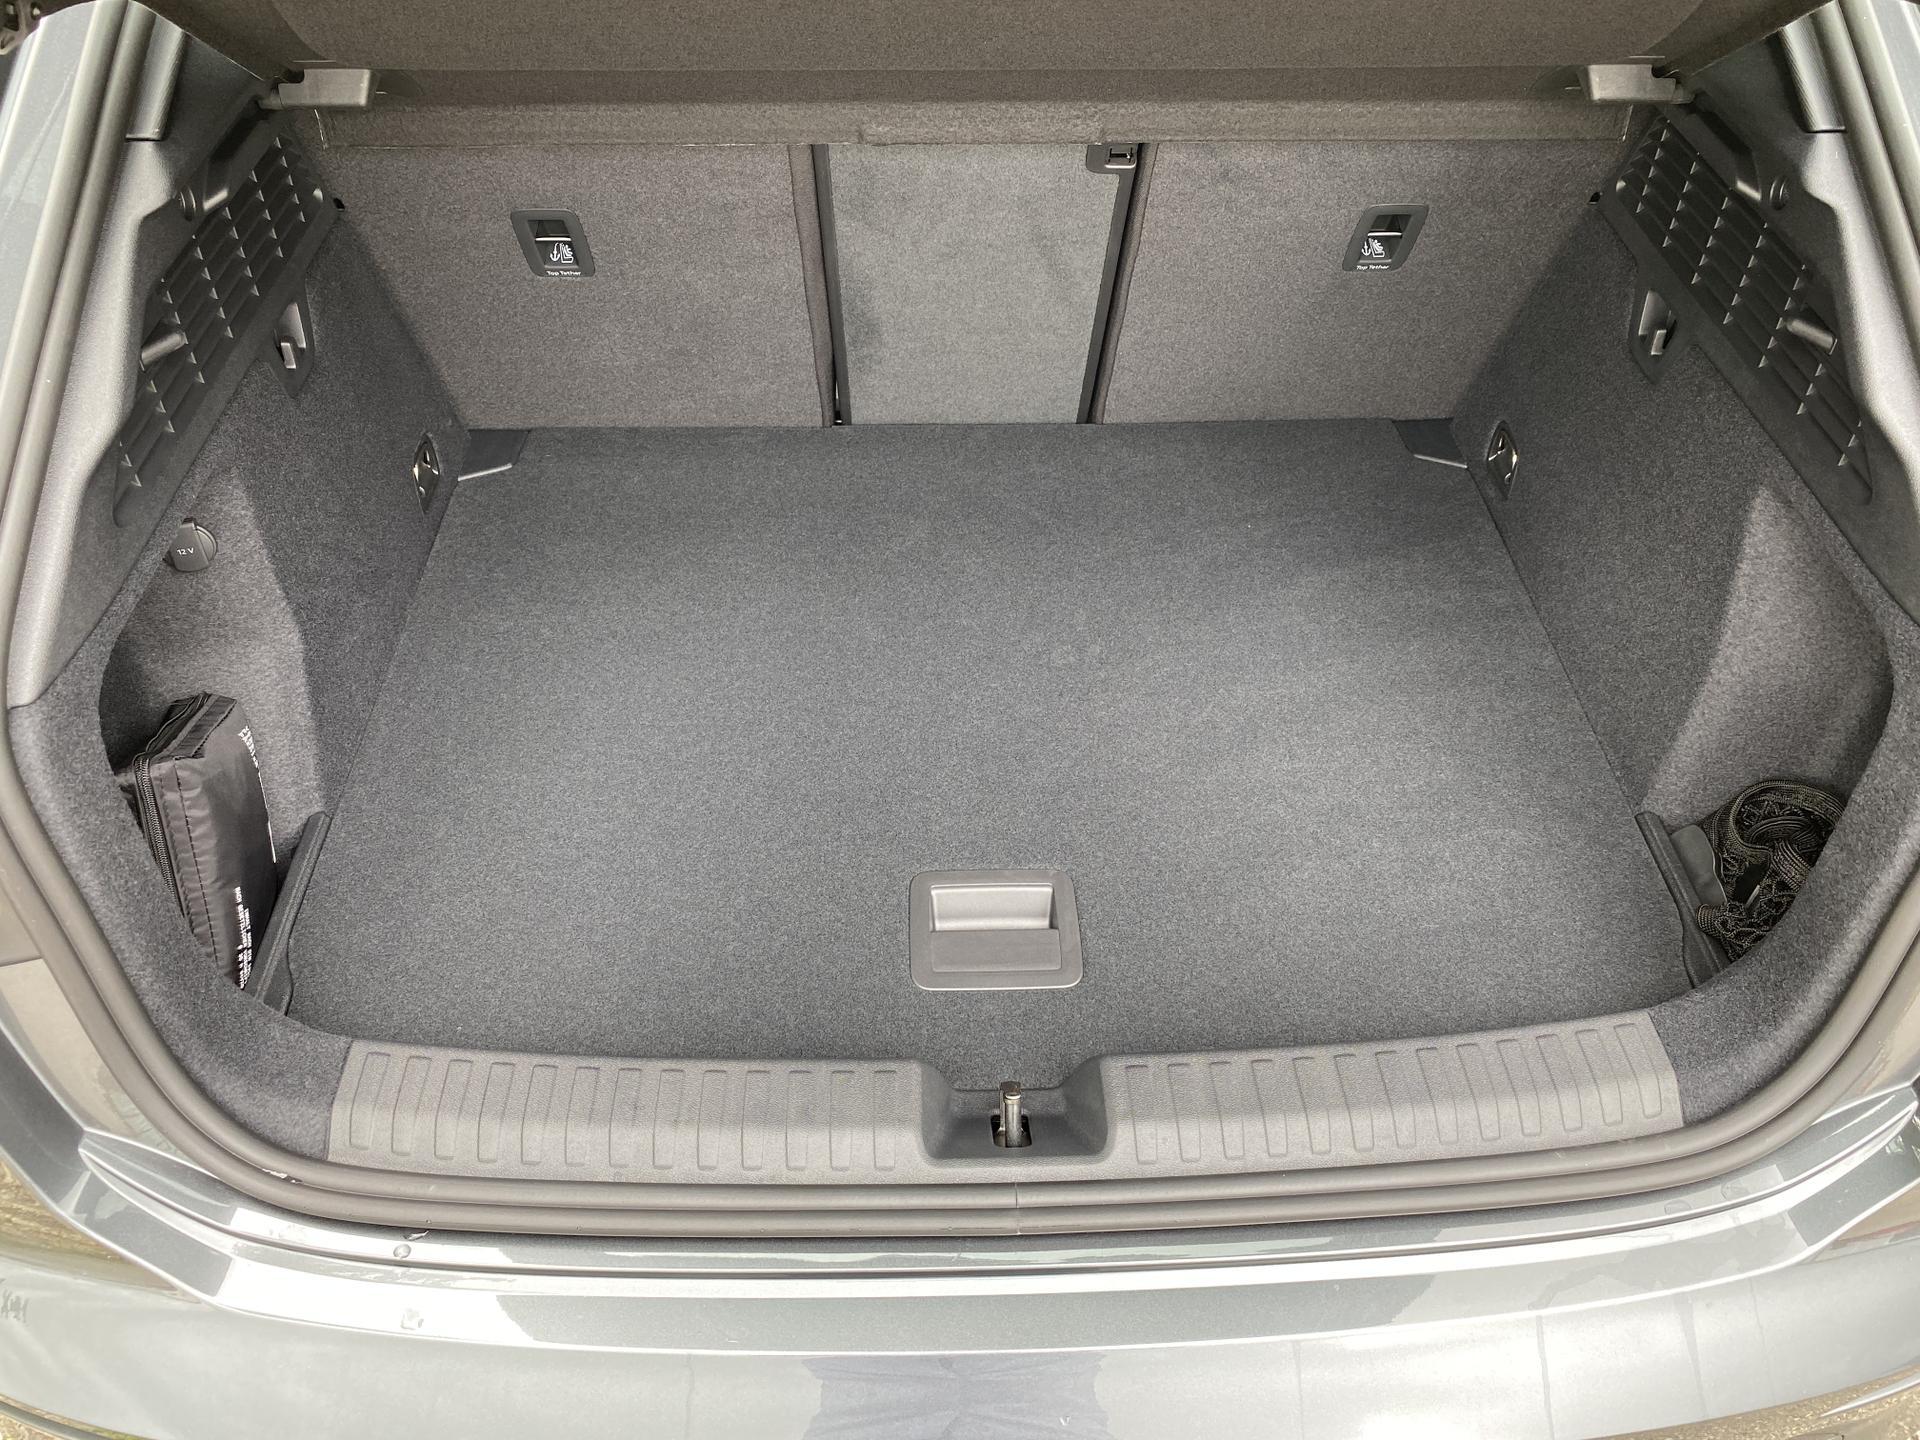 Audi A3 Kofferraum